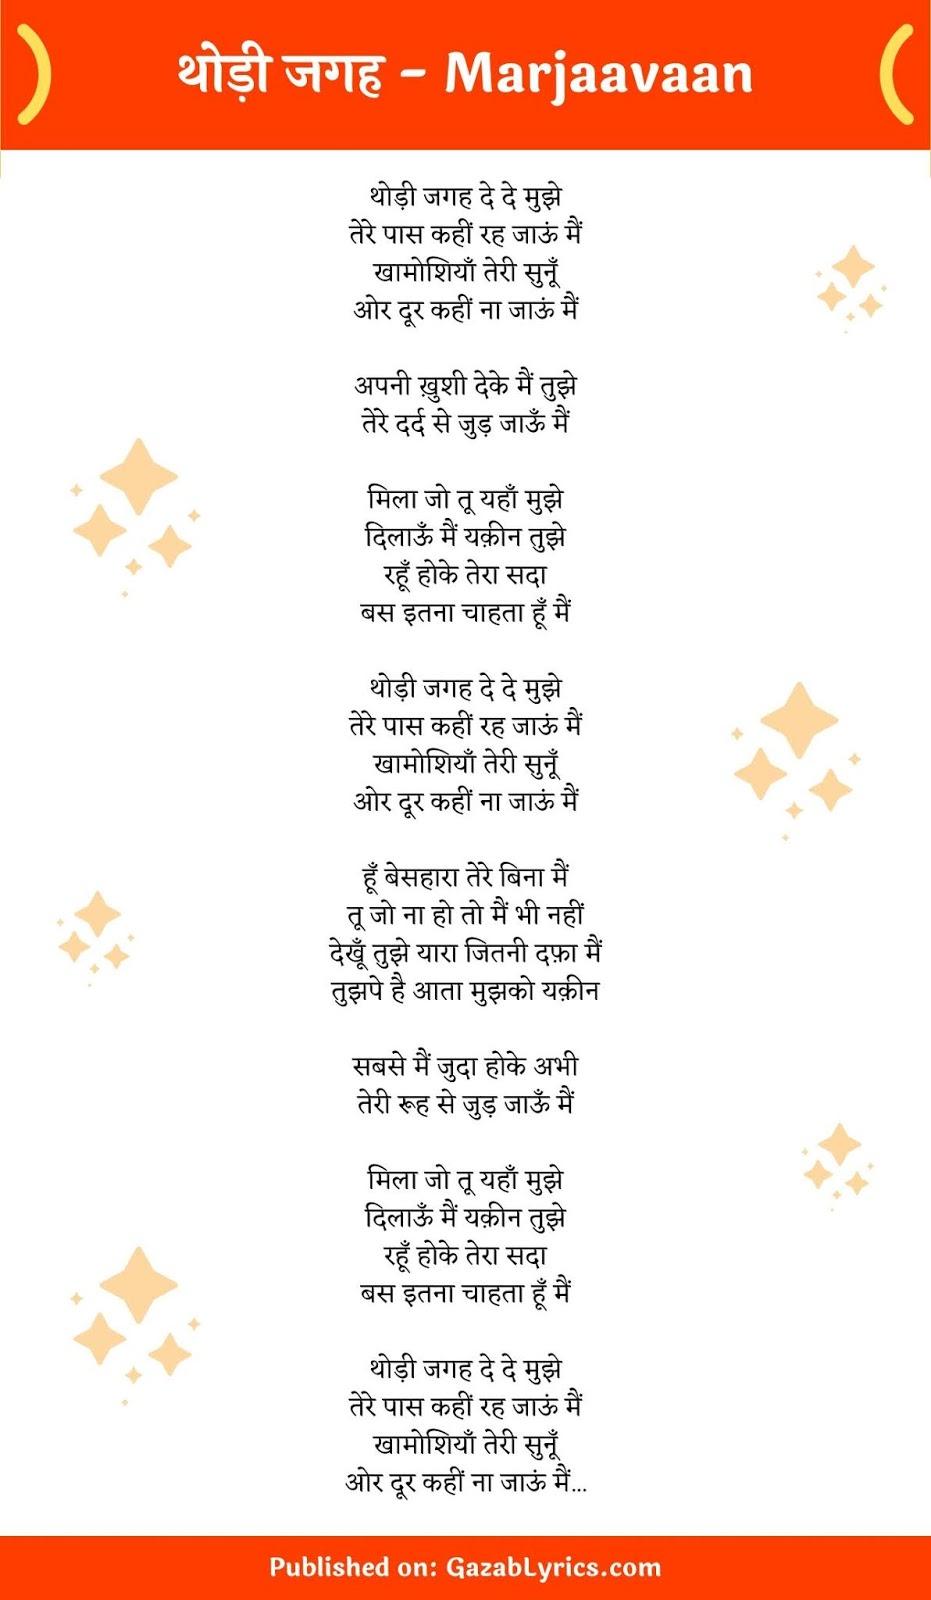 Thodi Jagah song lyrics image